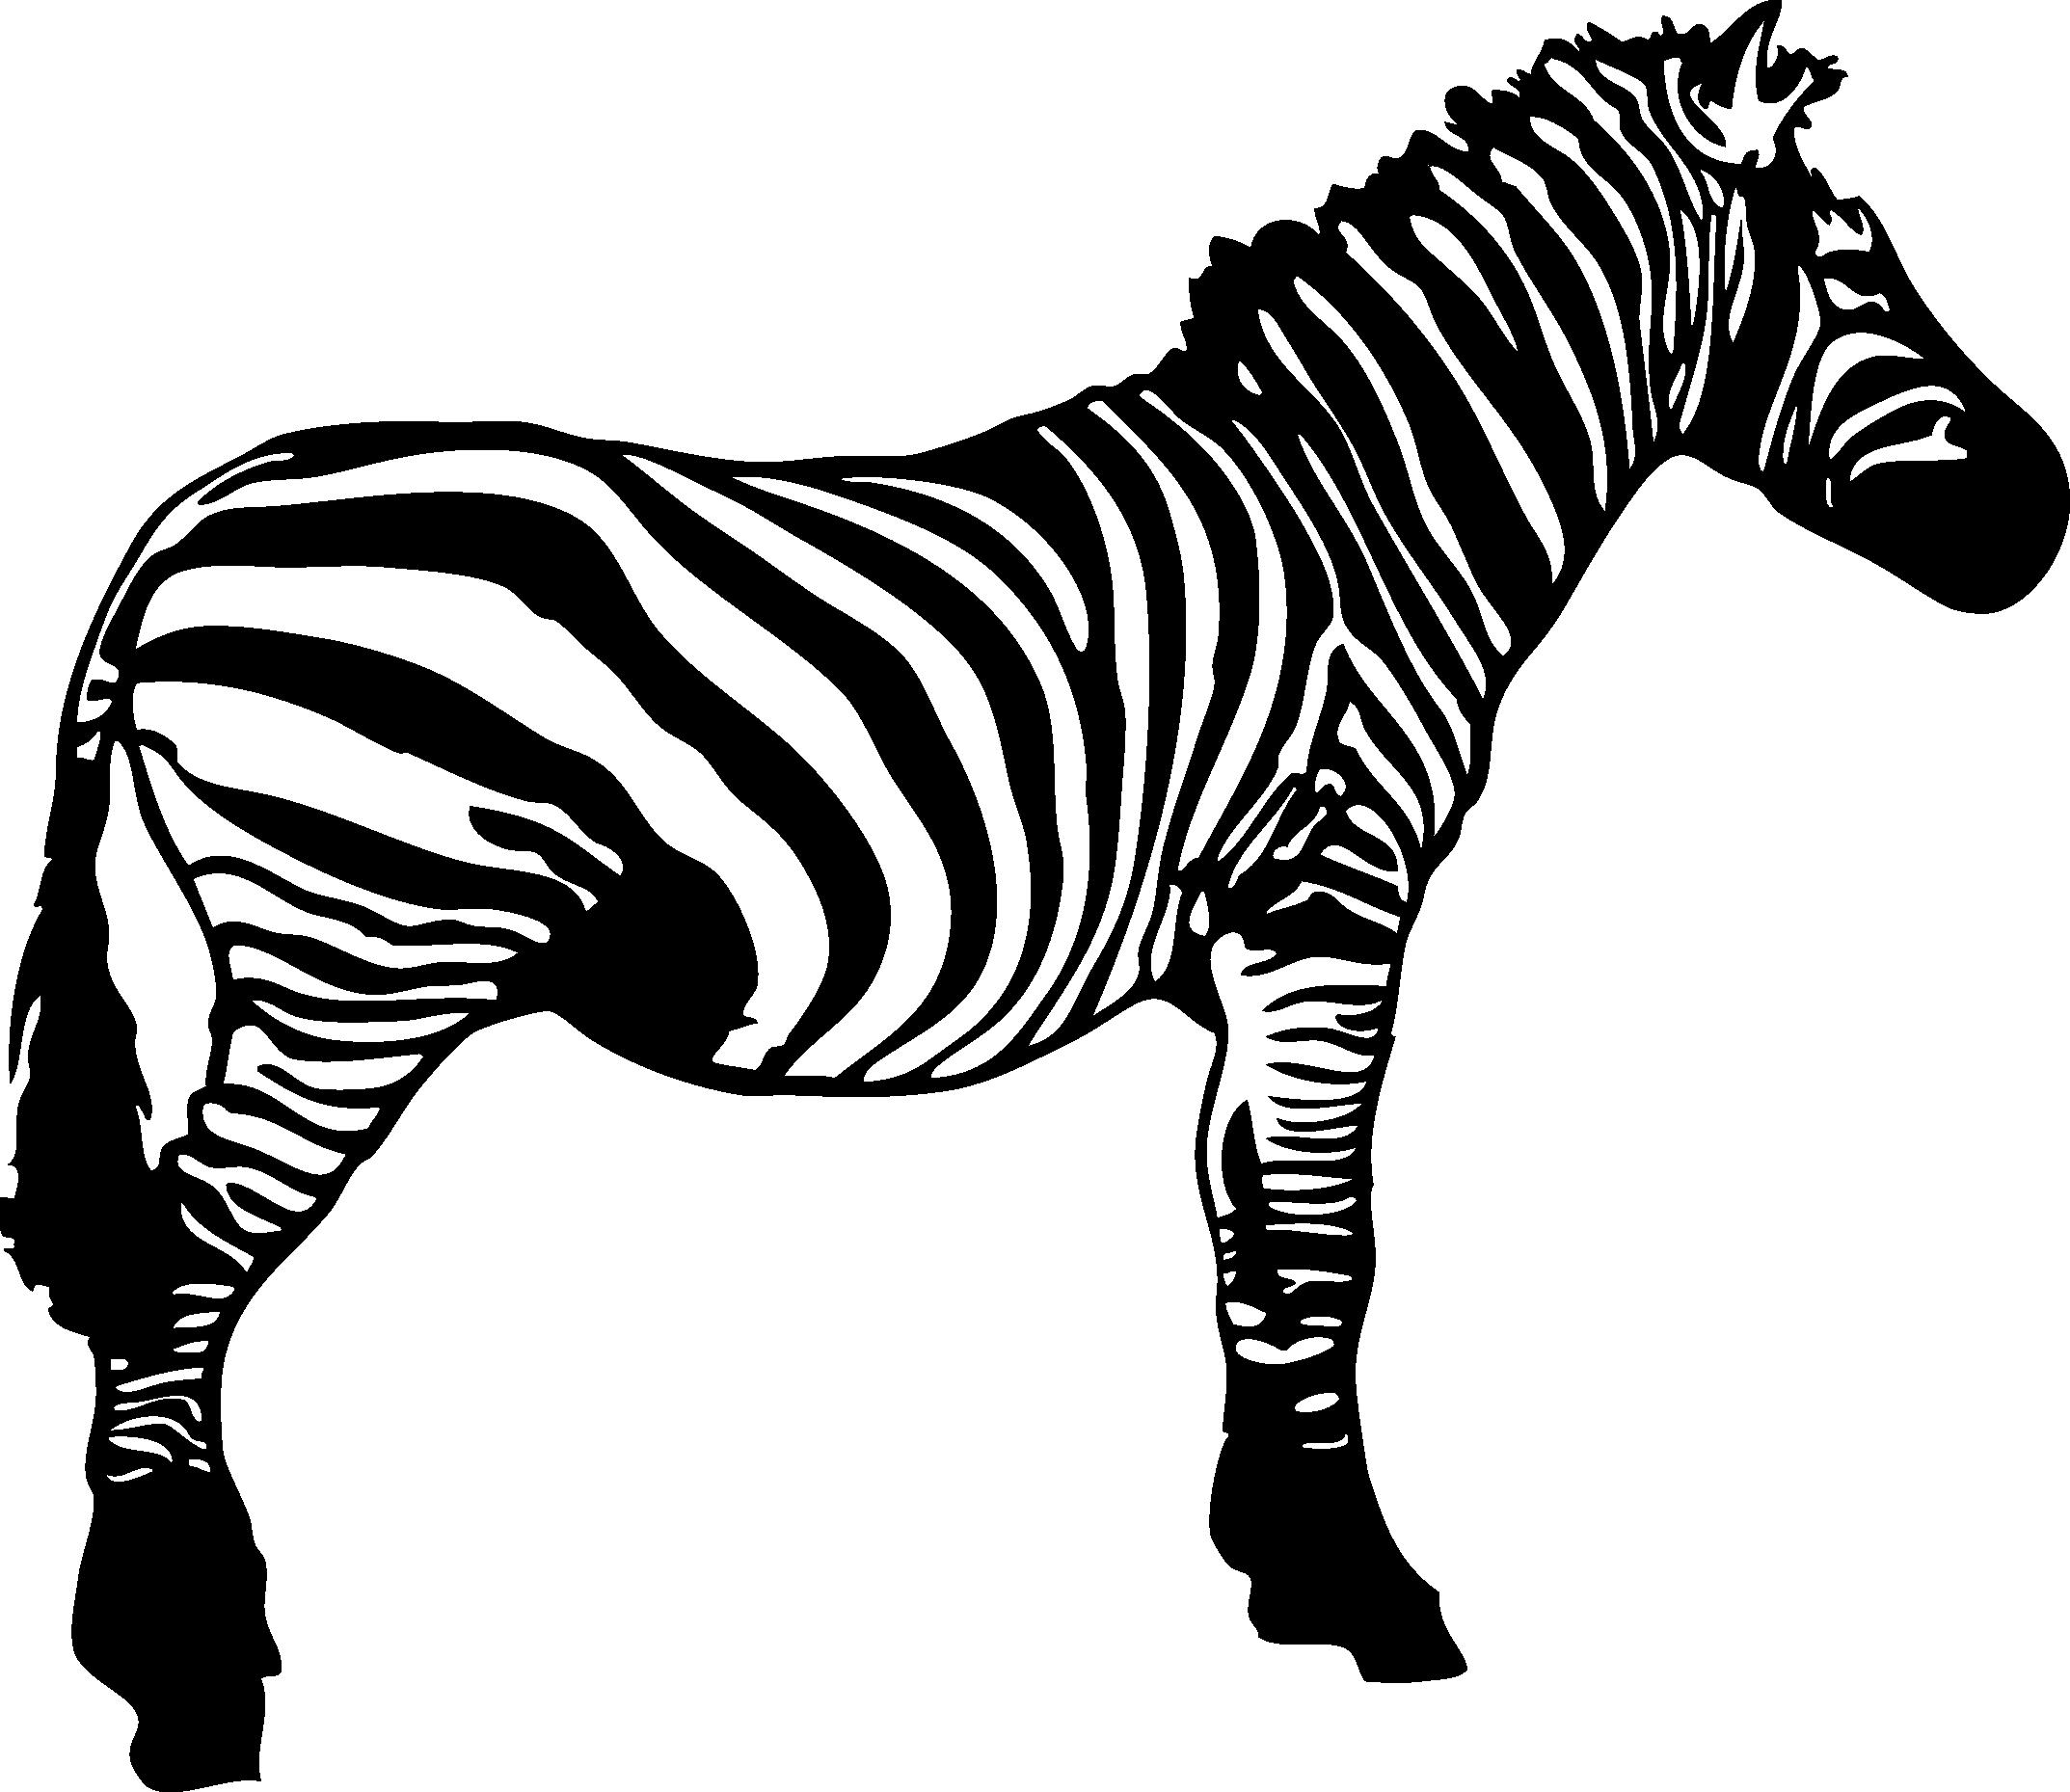 graphic black and white download Stripe clip art transprent. Zebra black and white clipart